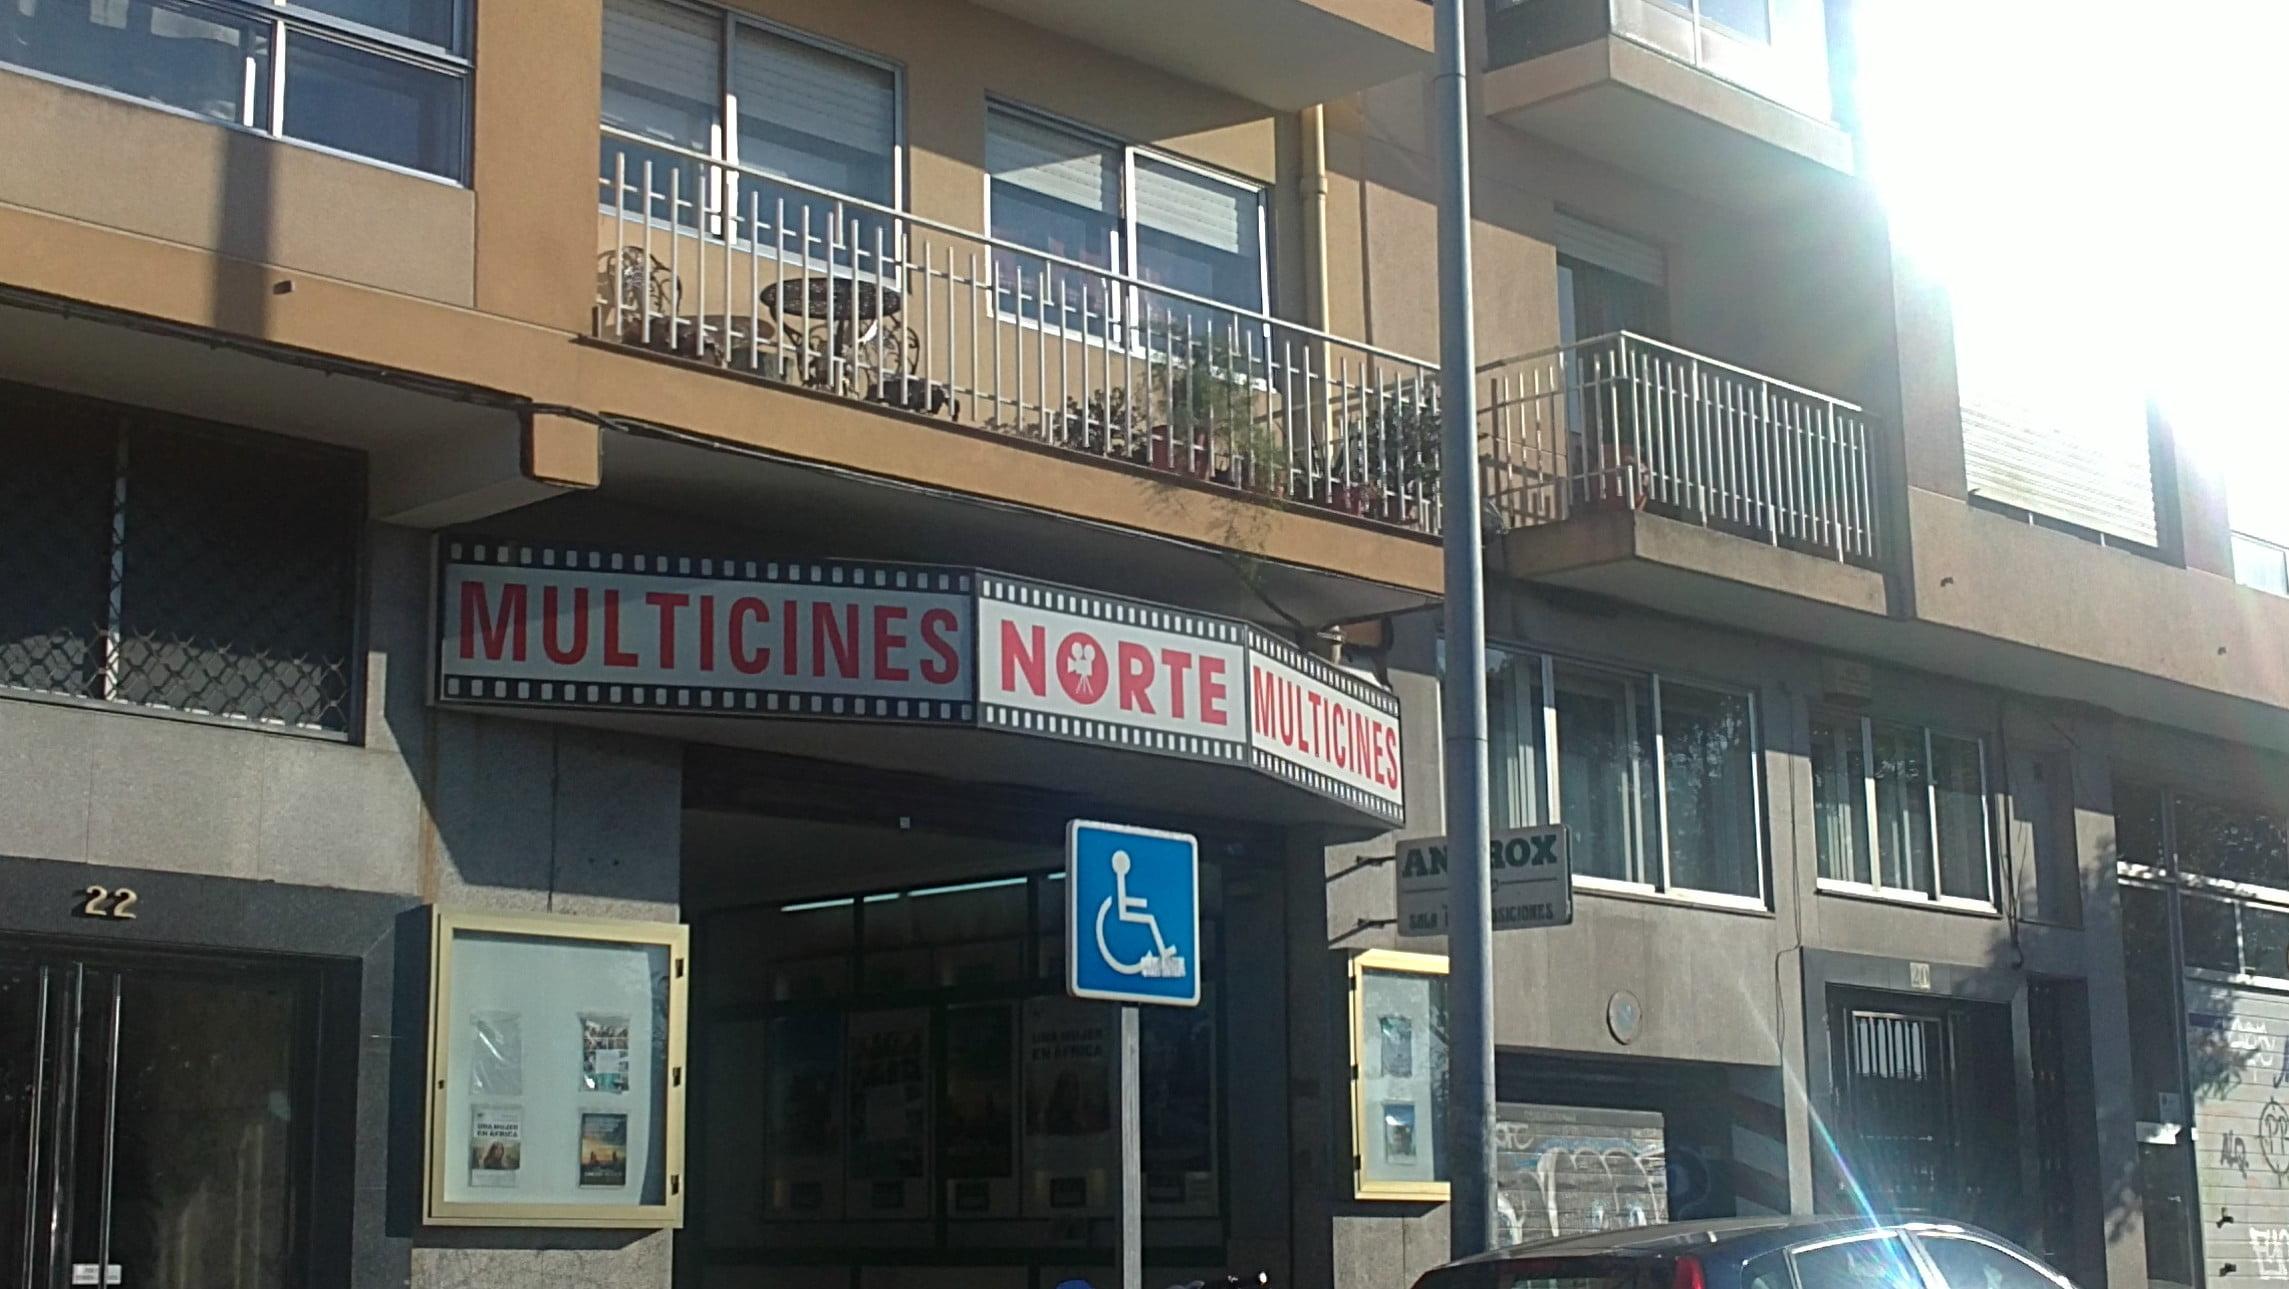 Multicines Norte y la historia de los Cines en Vigo